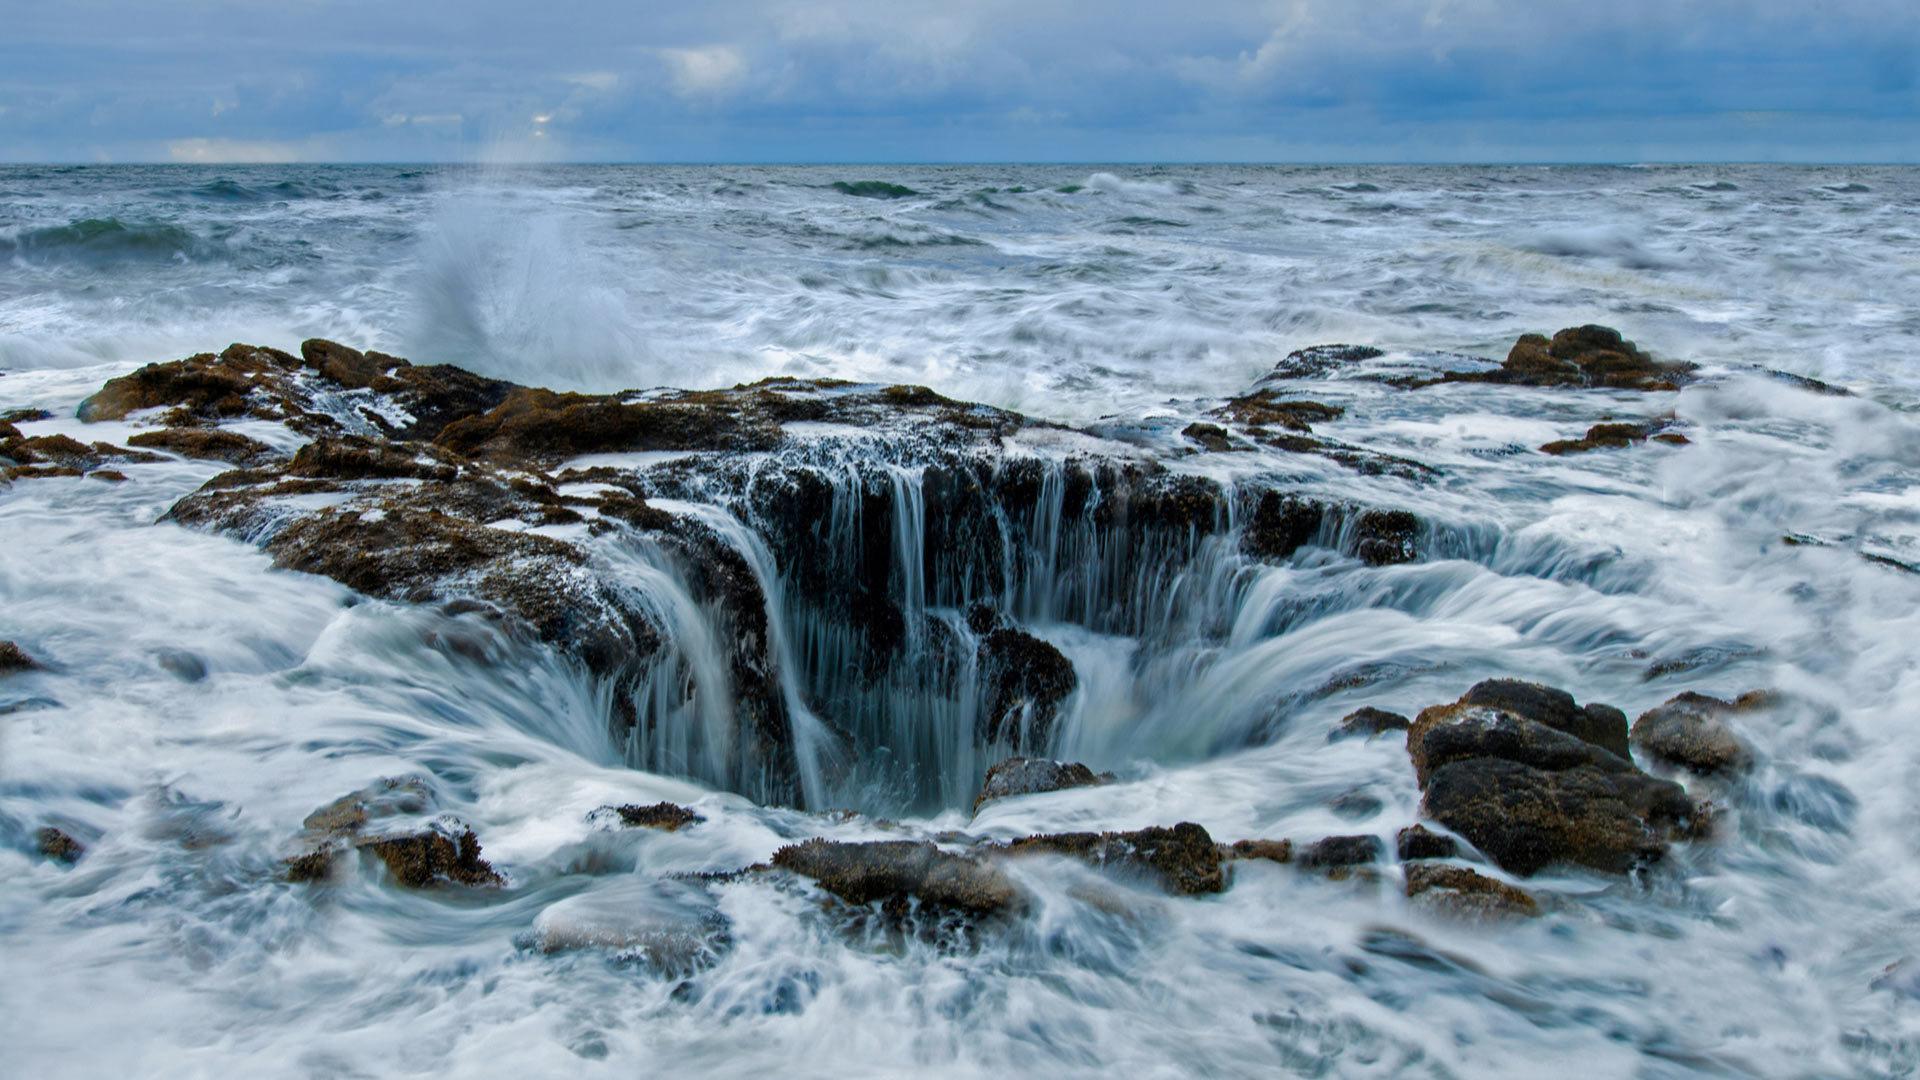 俄勒冈海岸佩蓓角的雷神之井 俄勒冈海岸